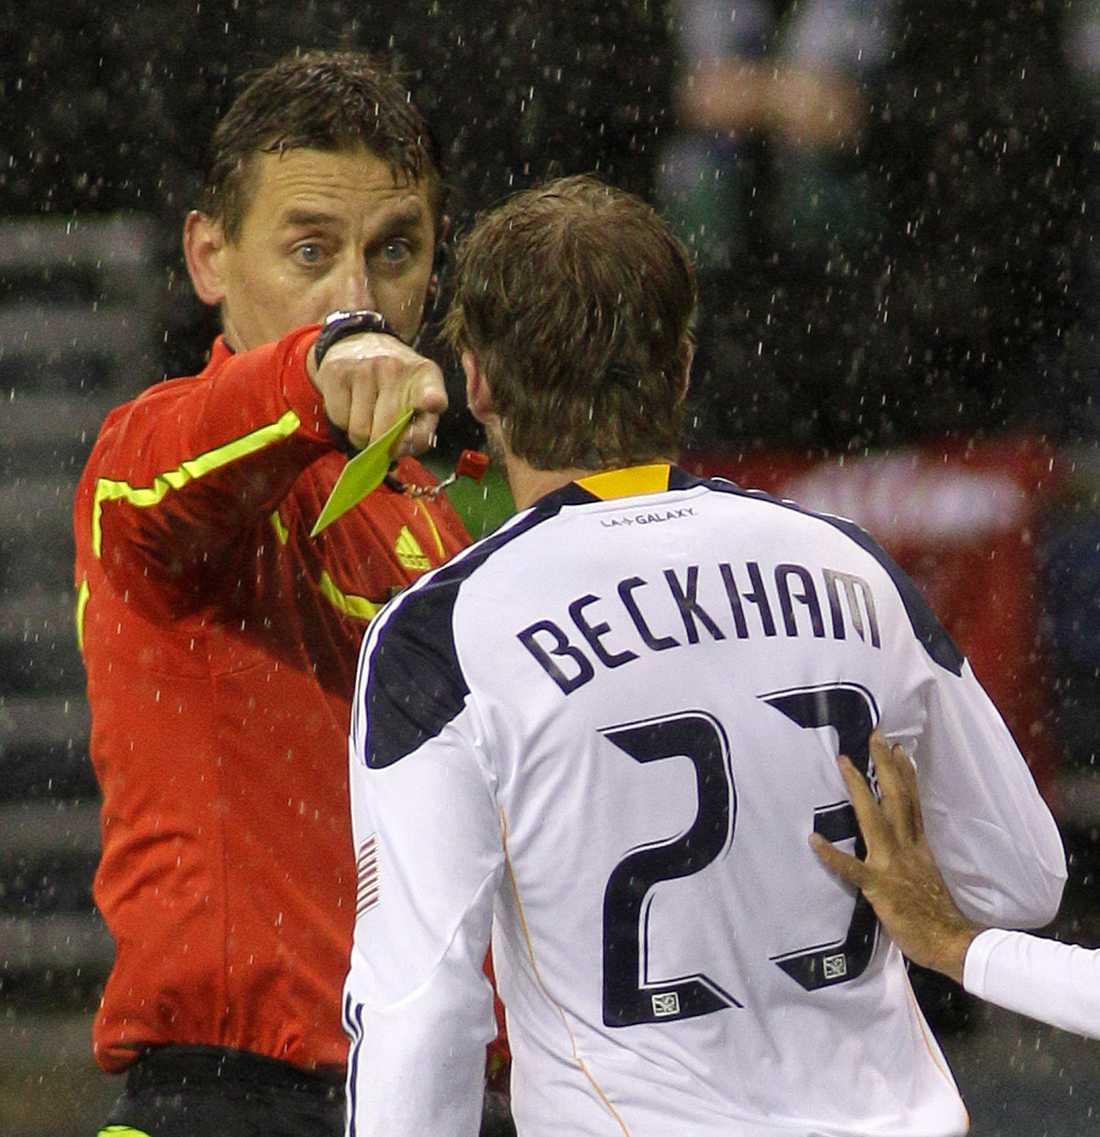 Beckham inledde säsongen 2011 i LA Galaxy med att toppa varningsligan med fem gula kort efter sex matcher.